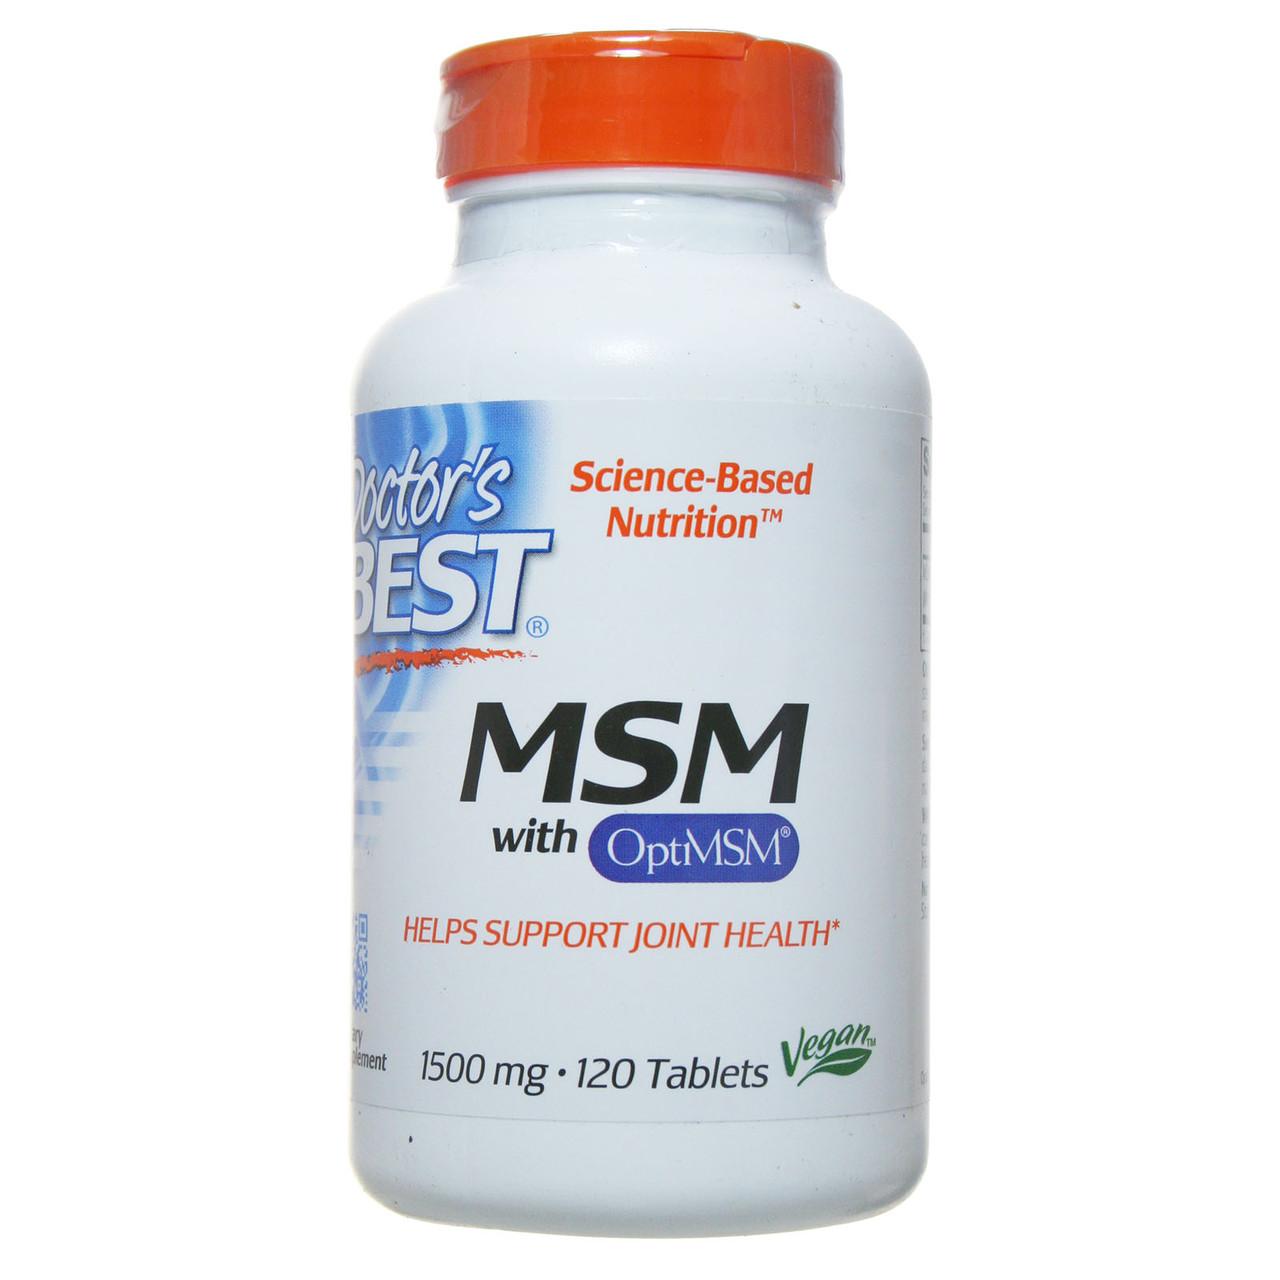 Метилсульфонилметан (МСМ), Doctor's Best, 1500 мг, 120 таблеток